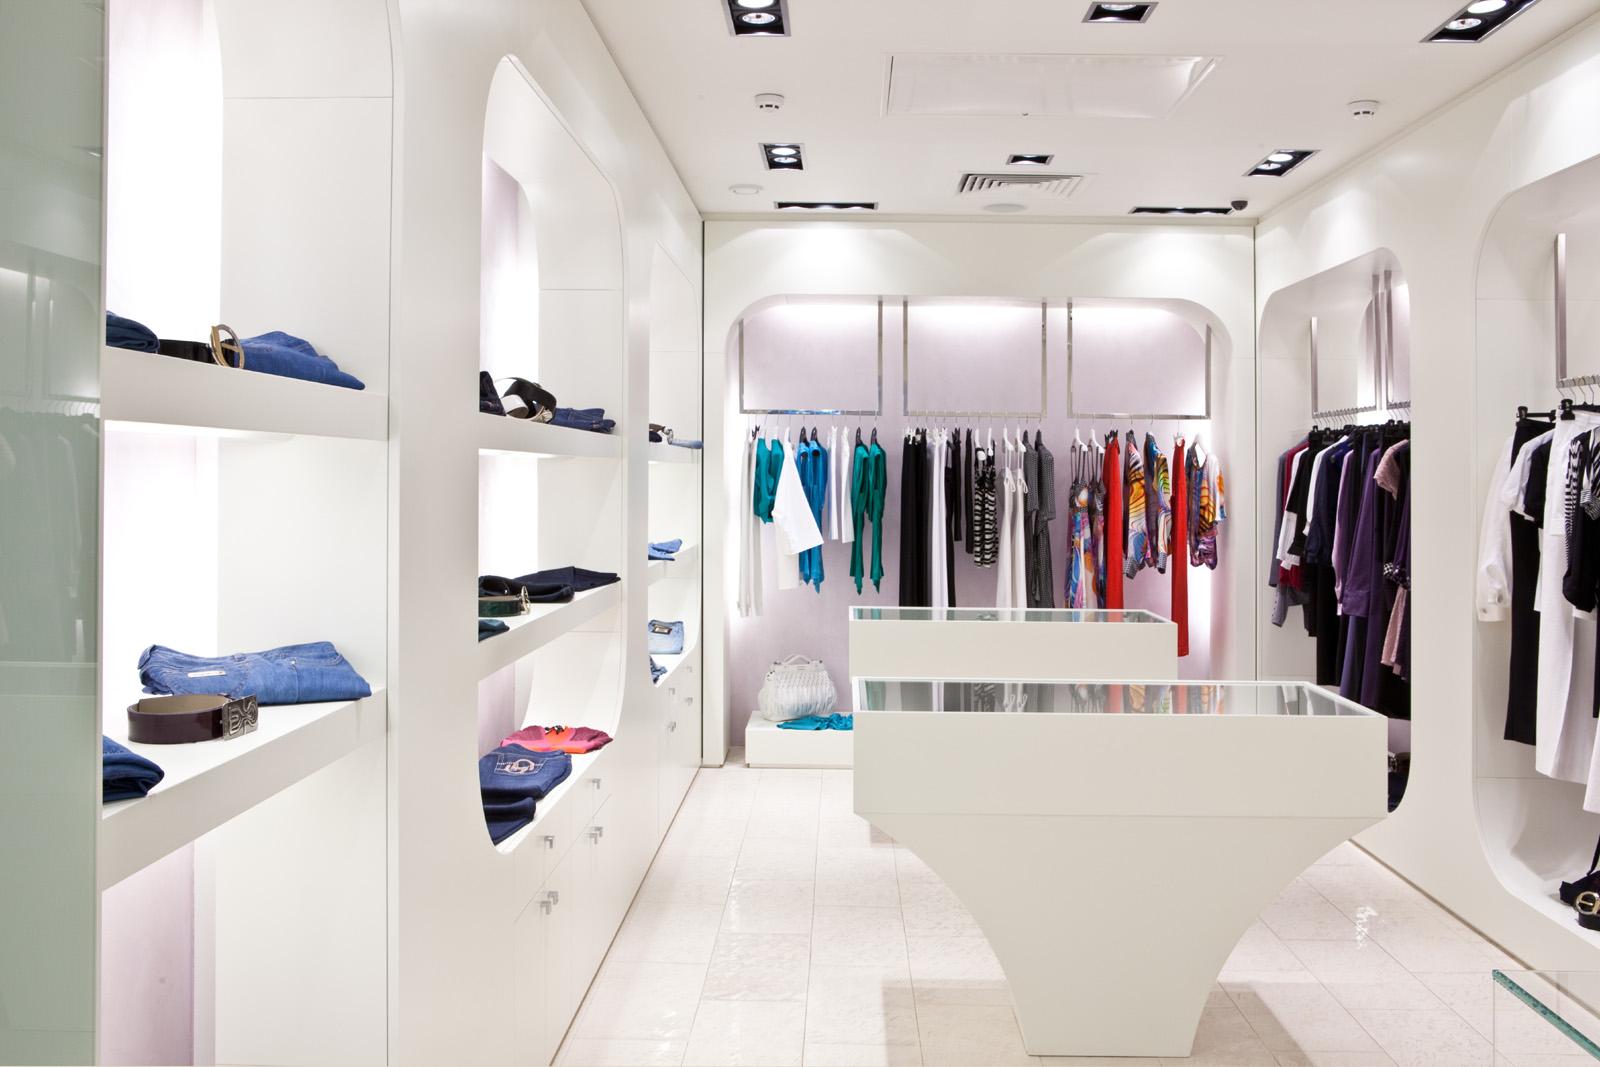 بررسی دکوراسیون داخلی فروشگاه لباس